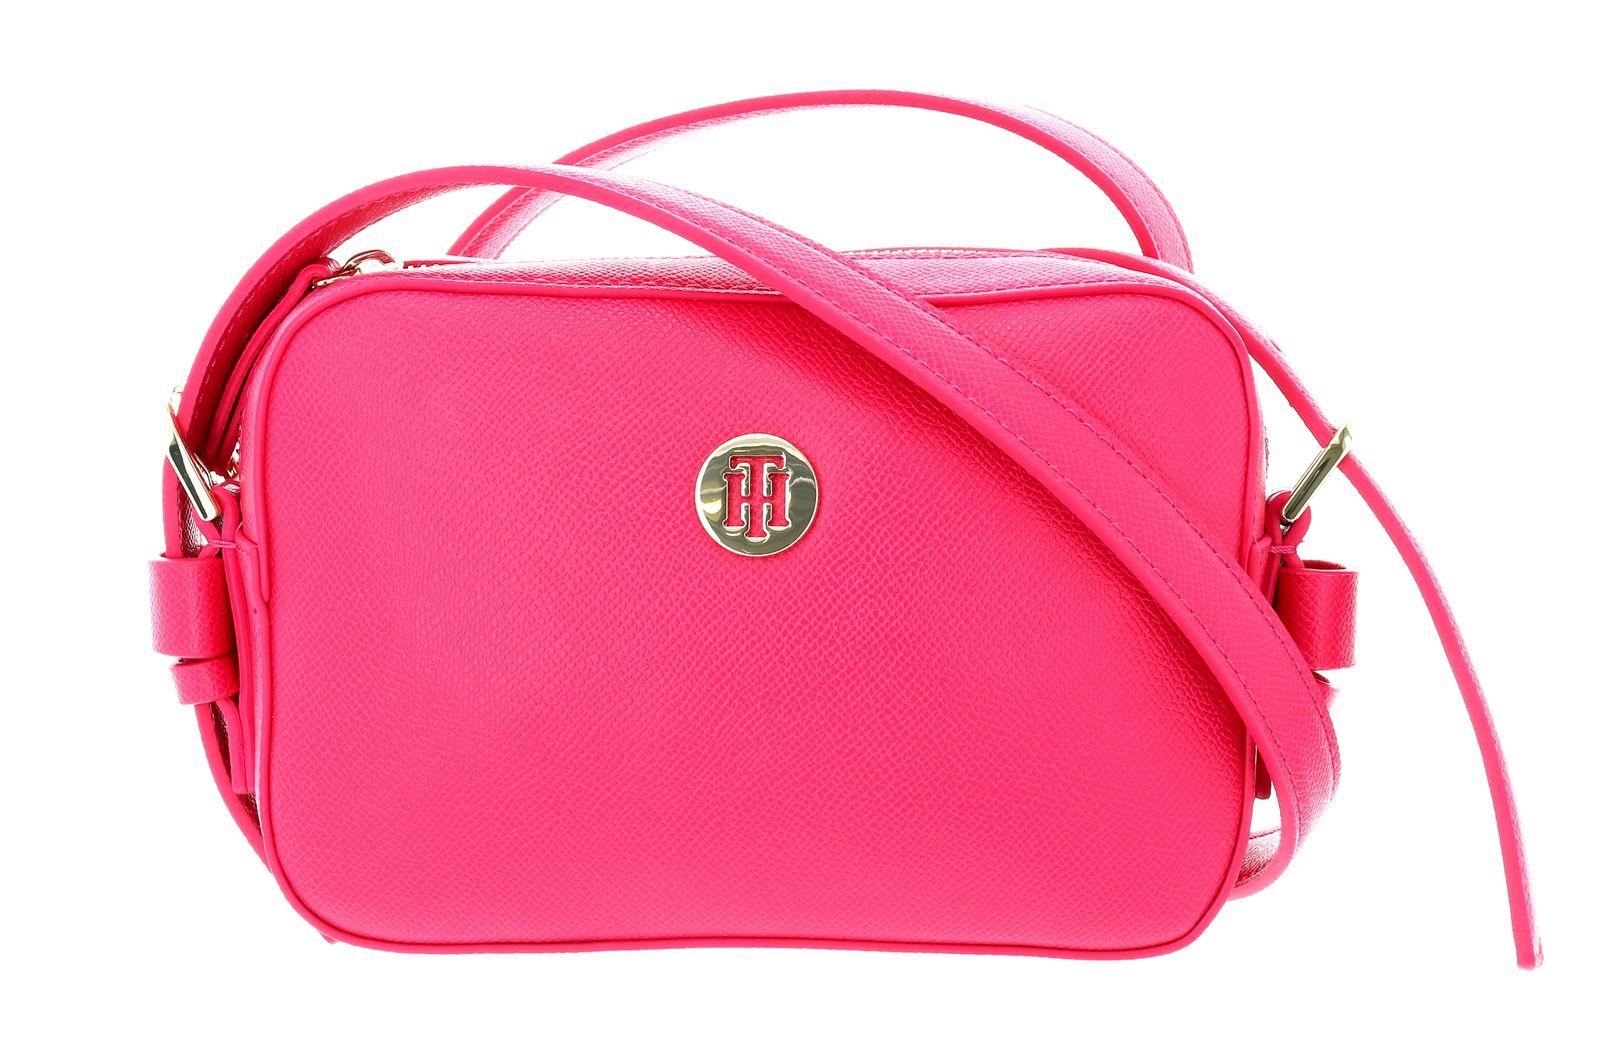 tommy hilfiger pink wallet